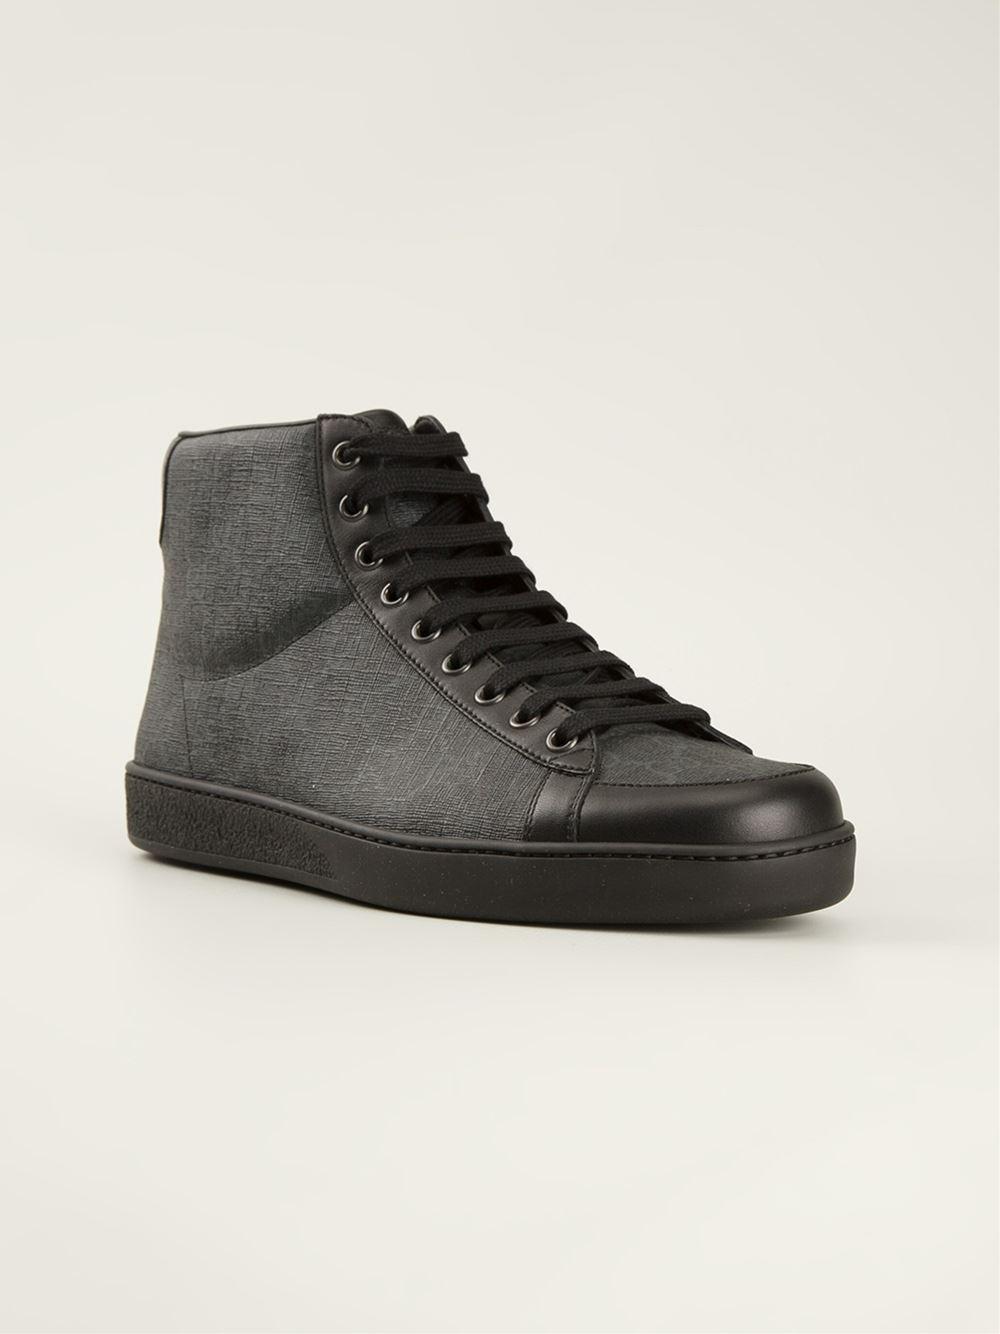 4e0f76e9f84f Lyst - Gucci Hi-Top Trainers in Black for Men